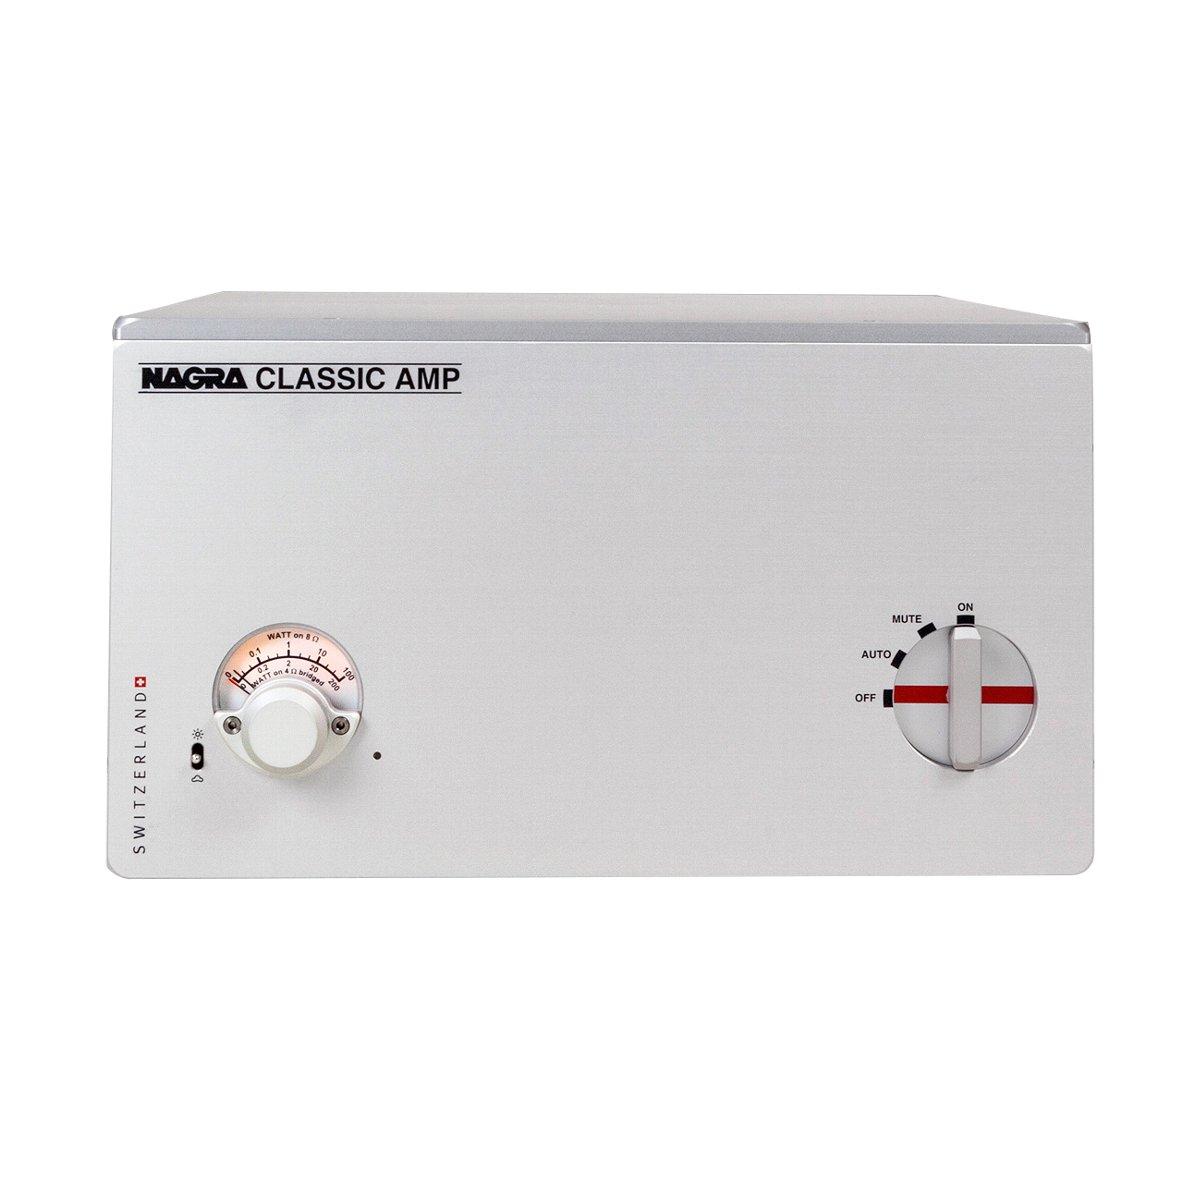 NAGRA Classic Amp ナグラ パワーアンプ